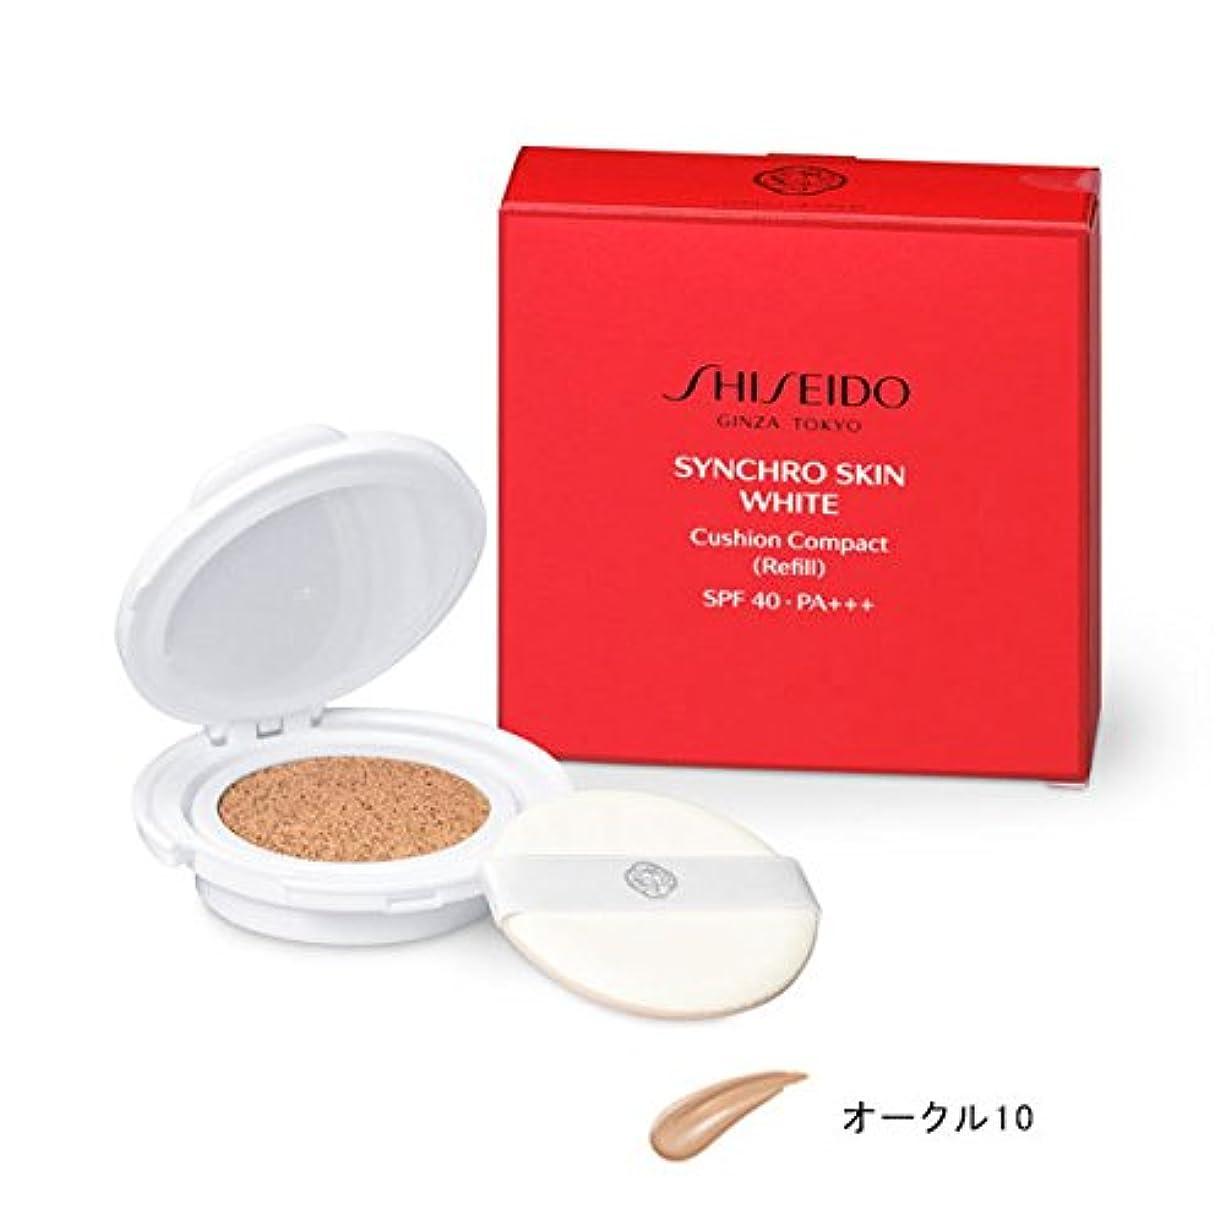 マイク自然レポートを書くSHISEIDO Makeup(資生堂 メーキャップ) SHISEIDO(資生堂) シンクロスキン ホワイト クッションコンパクト WT レフィル(医薬部外品) (オークル10)